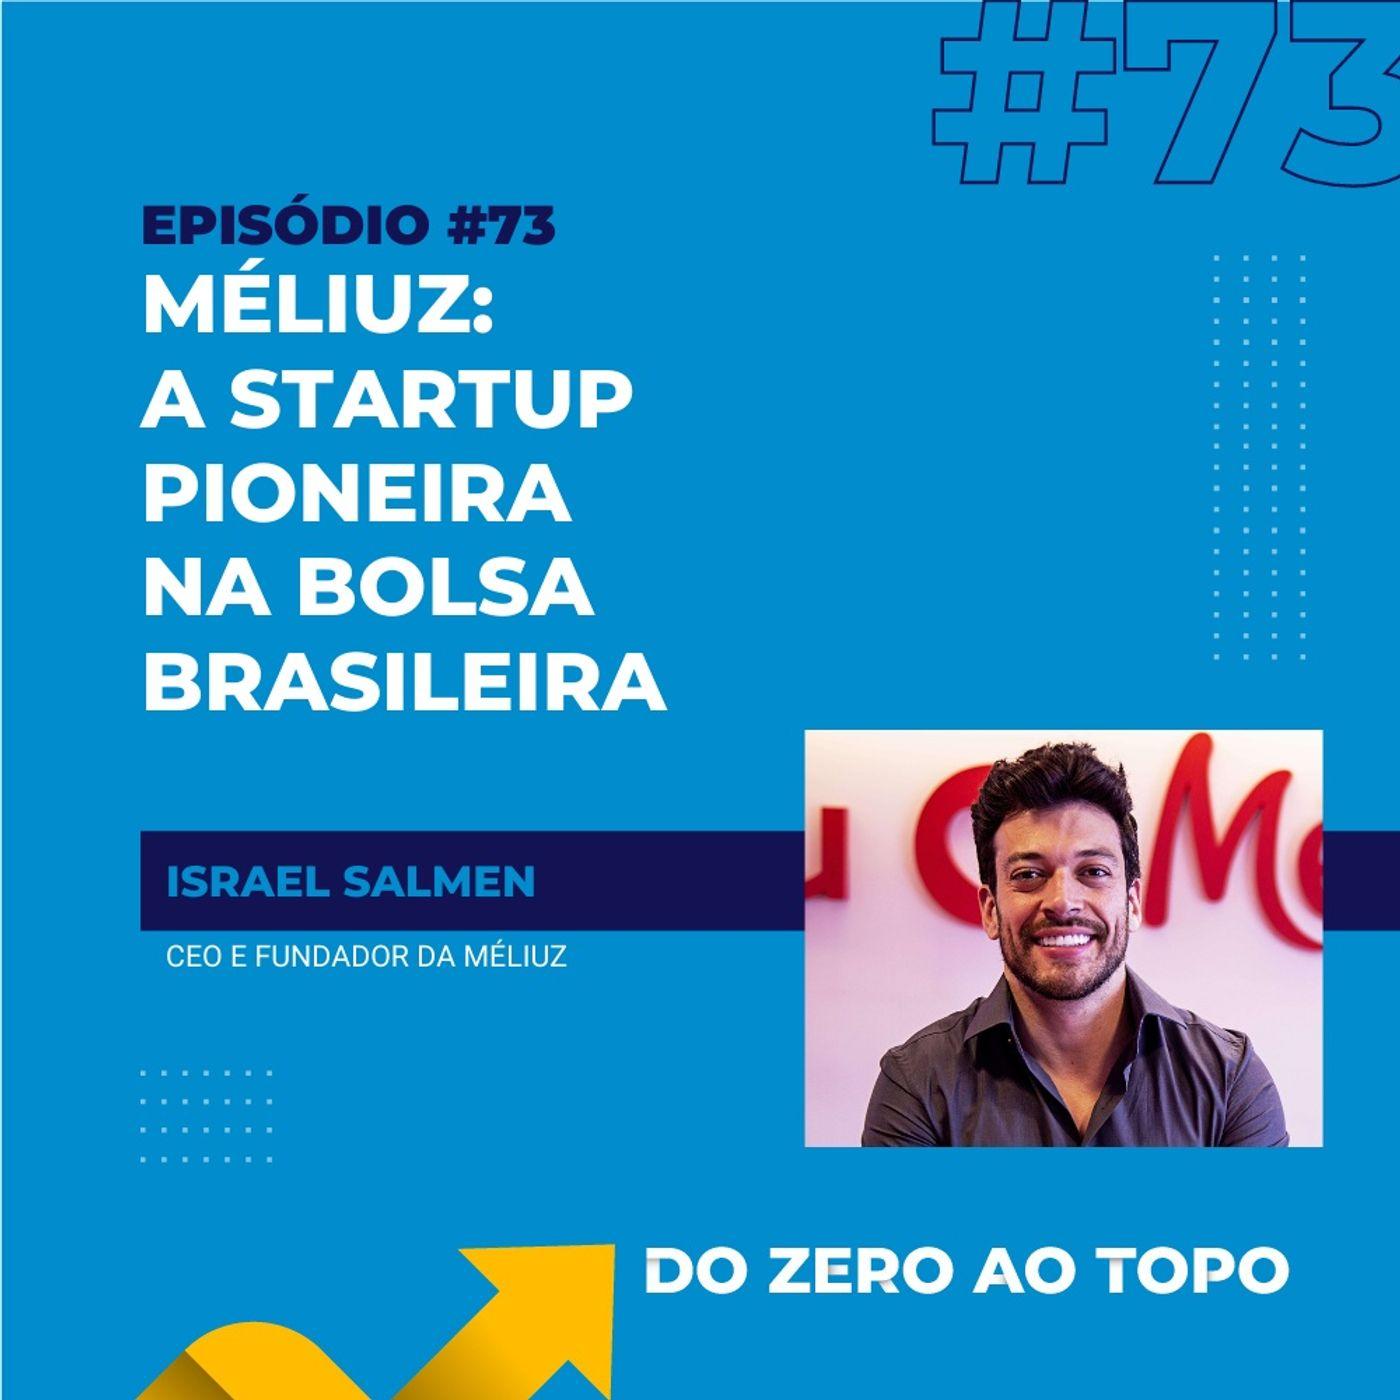 #73 - Méliuz: os empreendedores que levaram uma startup à Bolsa